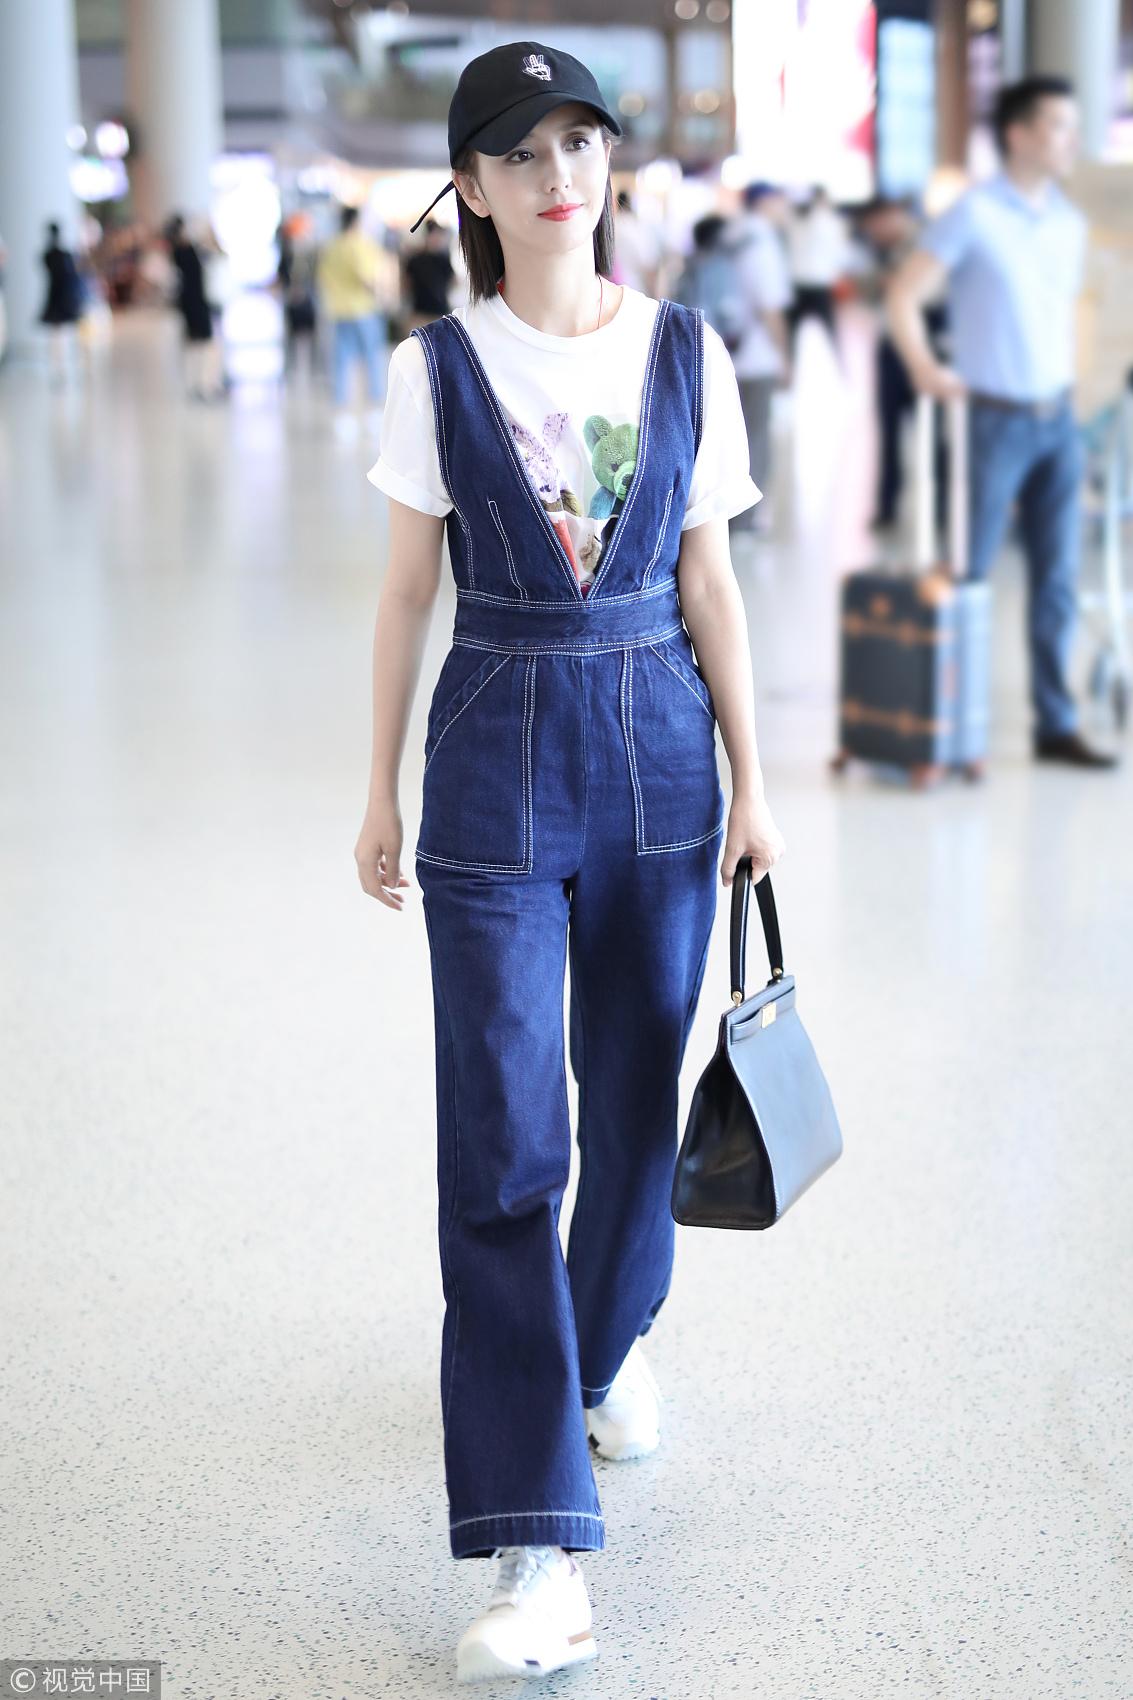 佟丽娅恢复清新短发俏丽亮相机场